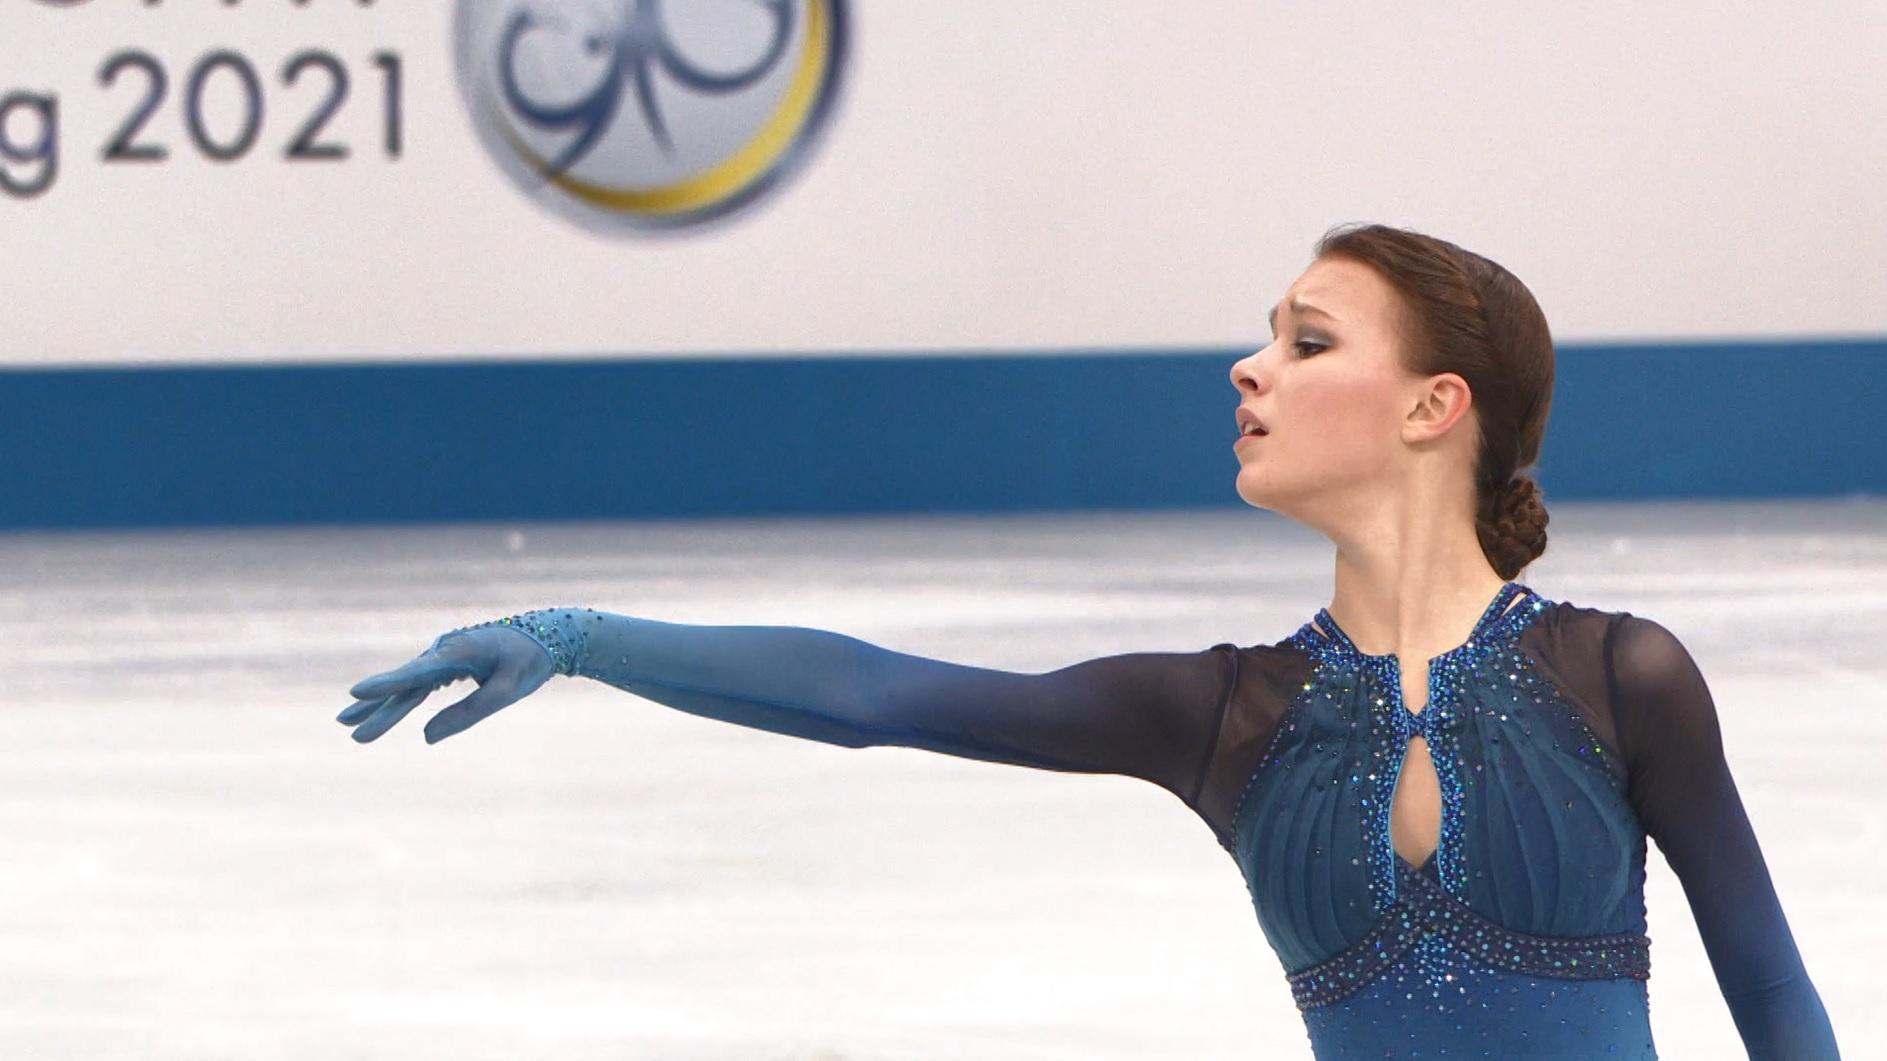 世界女王シェルバコワのSP公開!世界フィギュアスケート国別対抗戦!羽生&宇野らも応援!女子最終決戦へ!